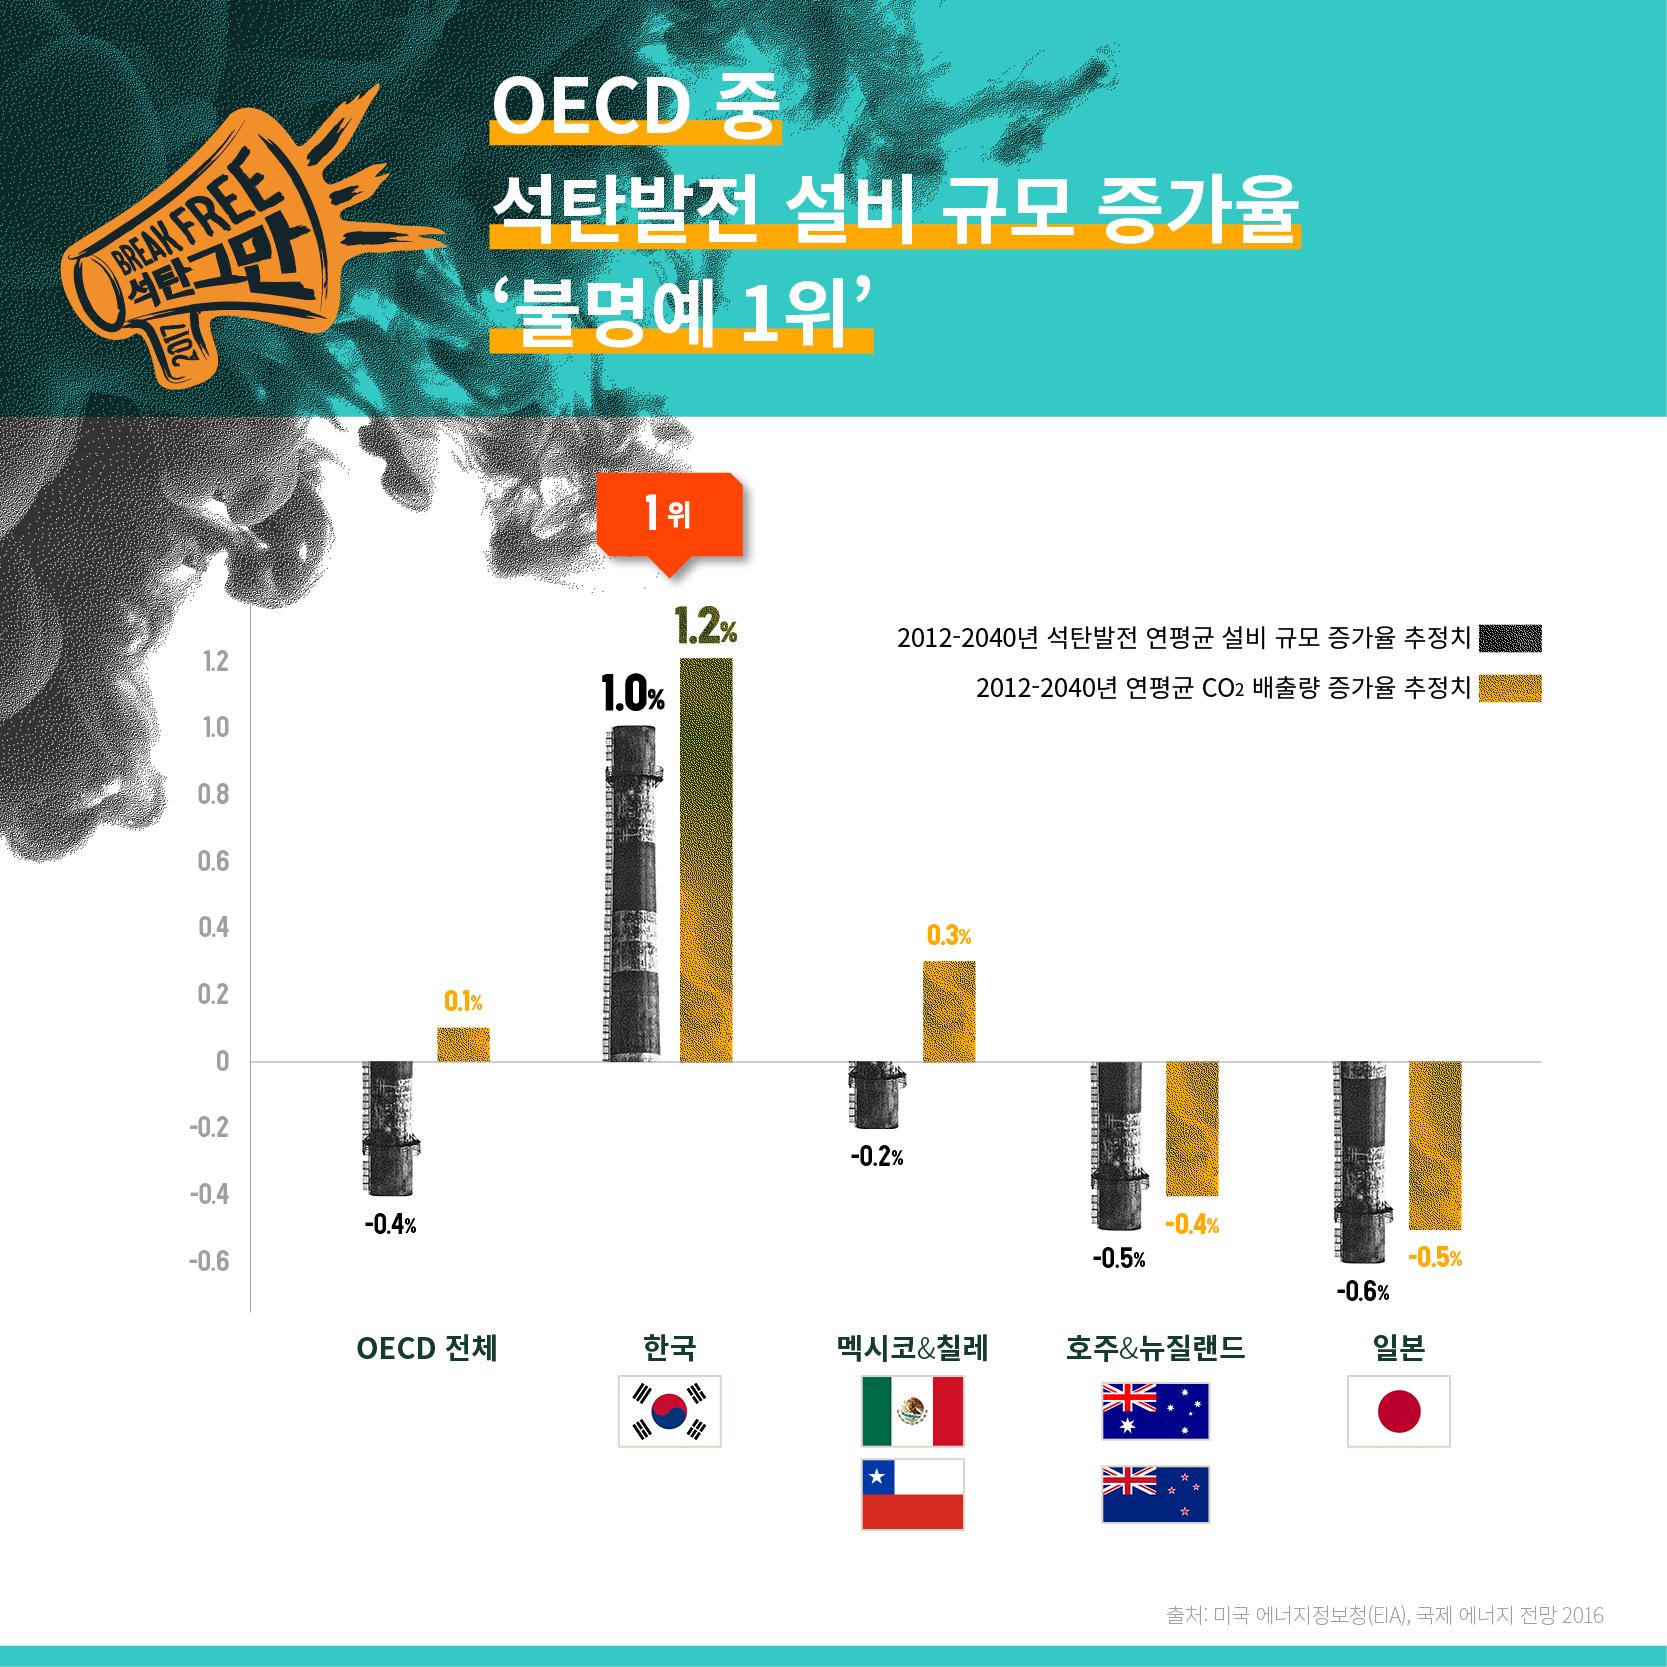 OECD 중 석탄발전 설비 규모 증가율 '불명예 1위'